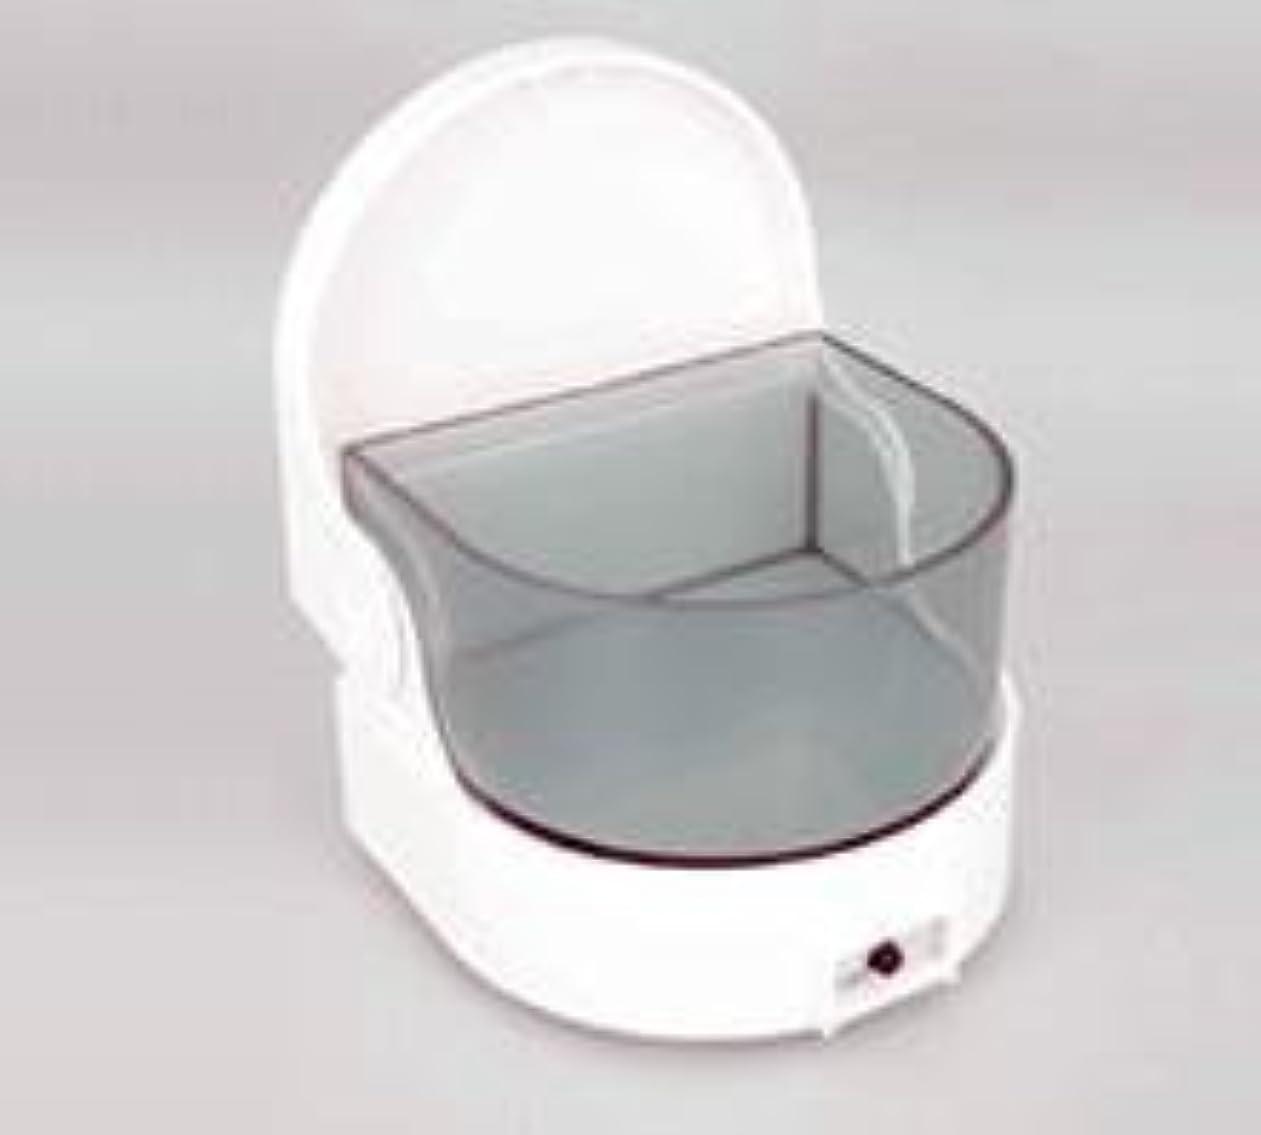 飢え忠実絶縁する義歯洗浄保存容器 ピュア デンチャークリーナー タイマー付